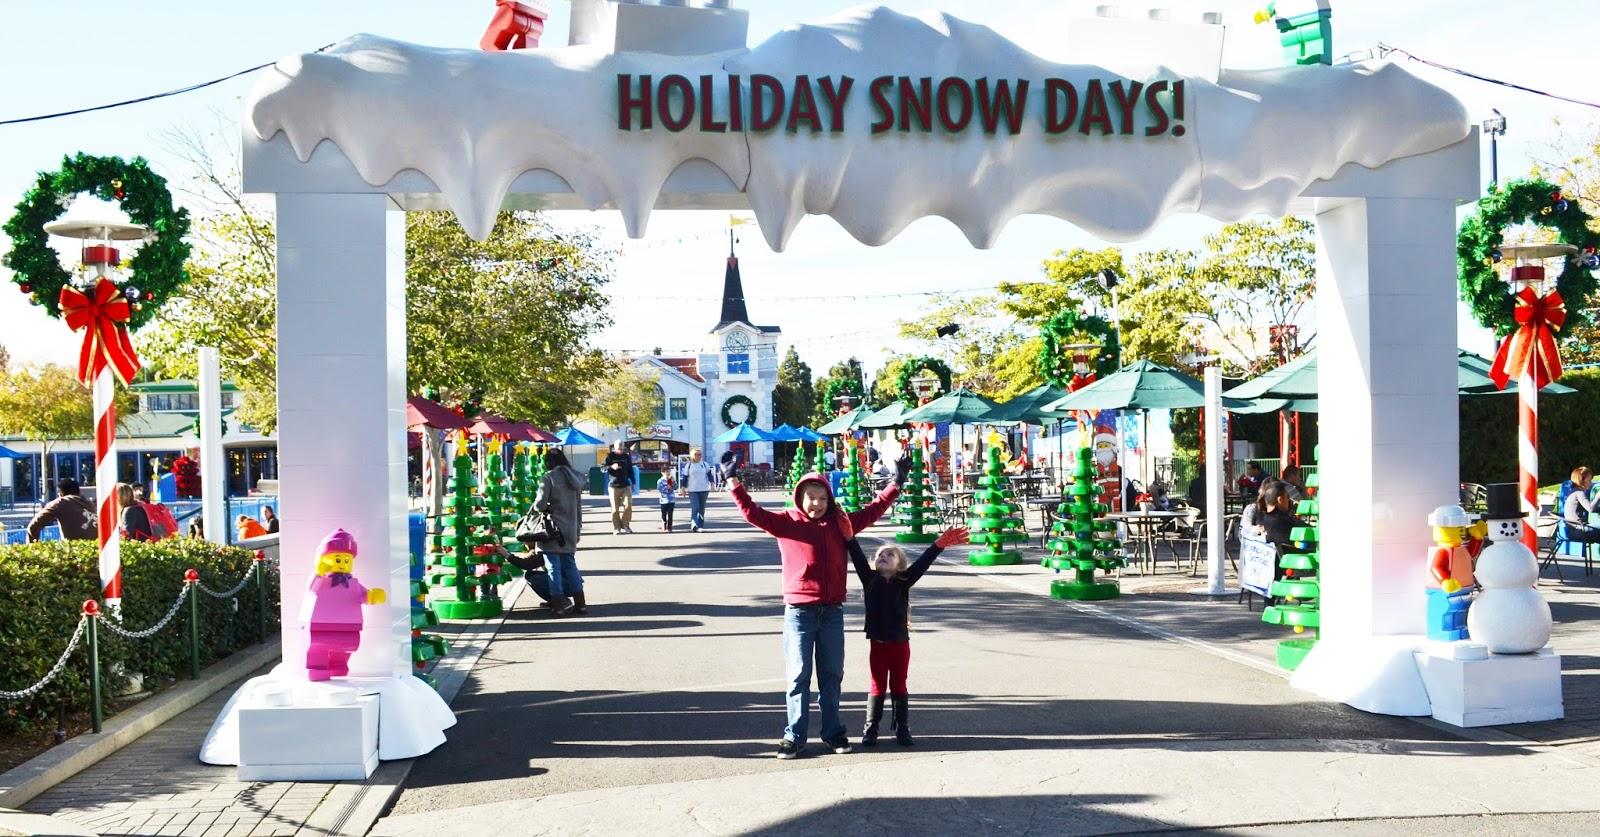 Polkadots on Parade: Legoland California Holiday Snow Days ...